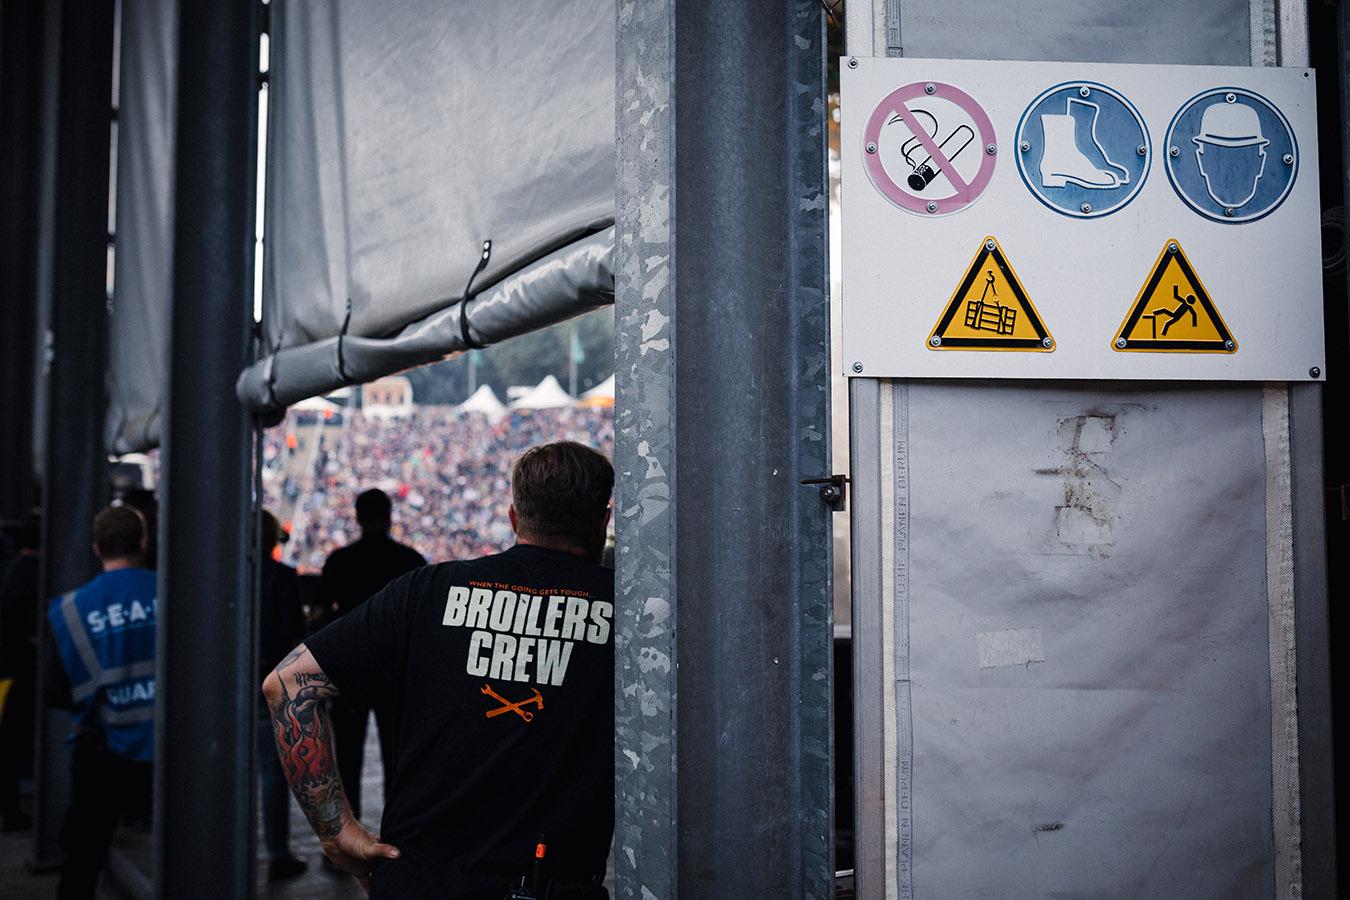 Broilers Crew